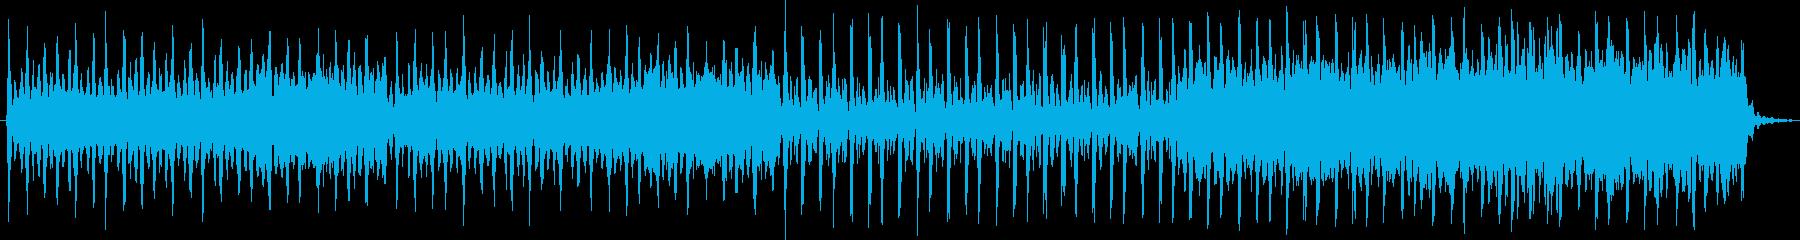 スタッカート弦、フルート、木琴を使...の再生済みの波形